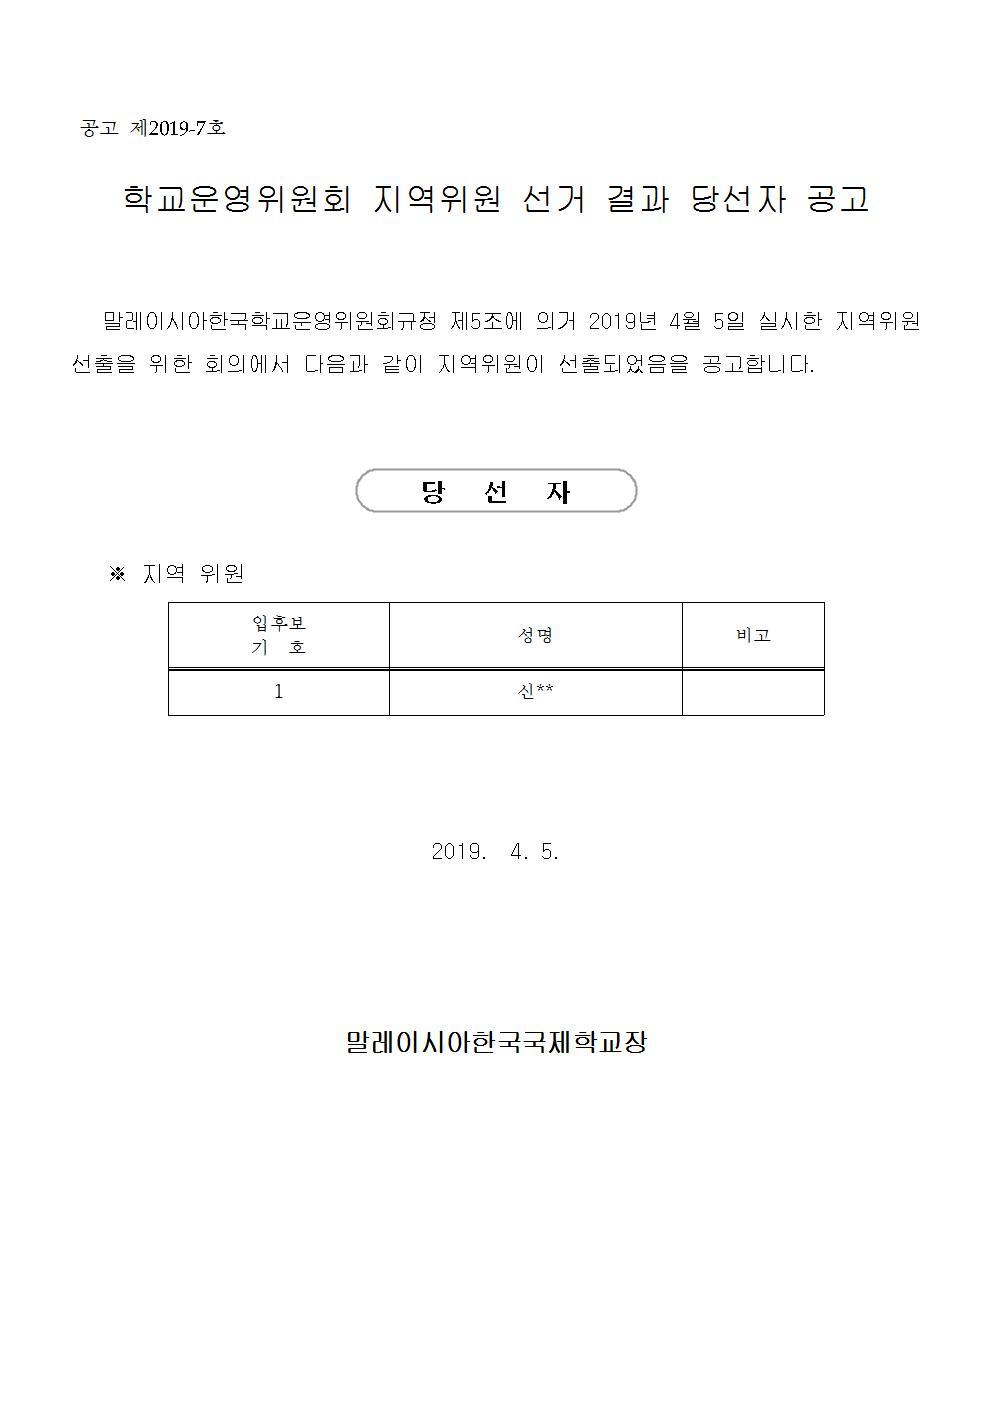 지역의원당선결과 공고_홈페이지용001.jpg